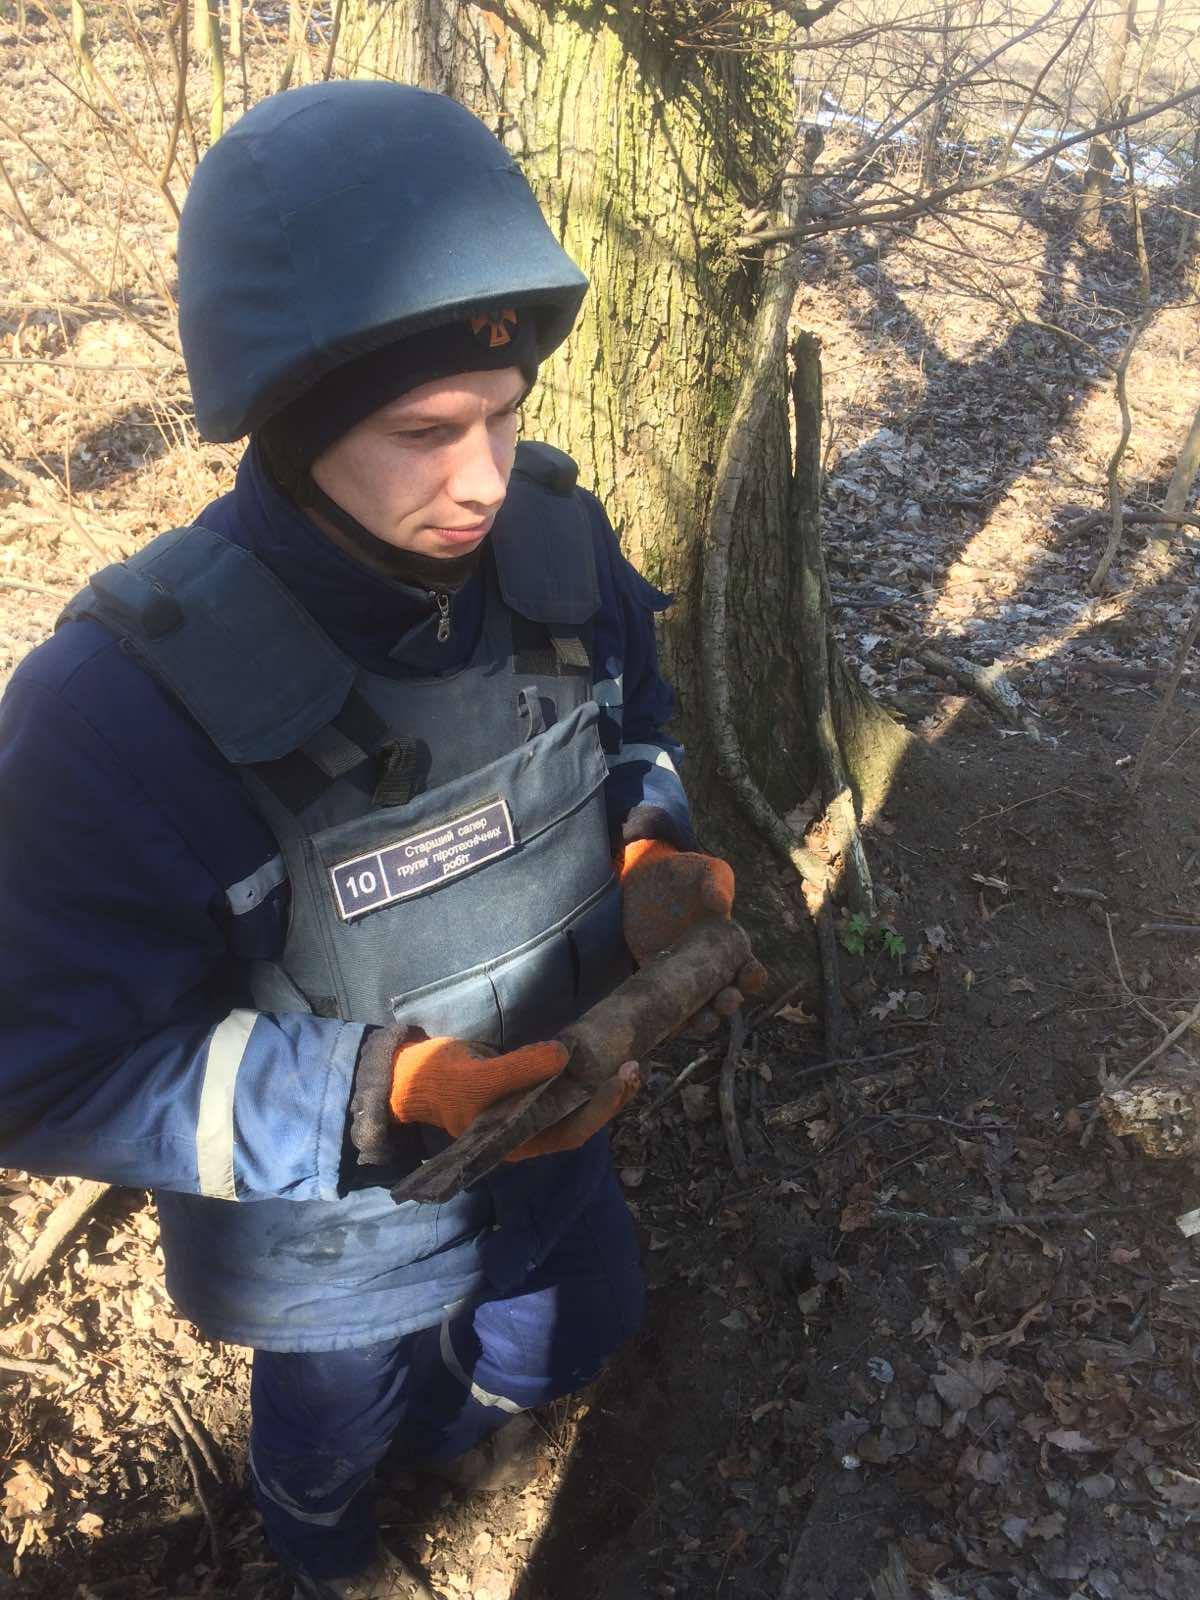 На Білоцерківщині знищили арсенал вибухонебезпечних предметів - Білоцерківський район - IMG 0c87b5be450c972f1e97d871ca56b41b V